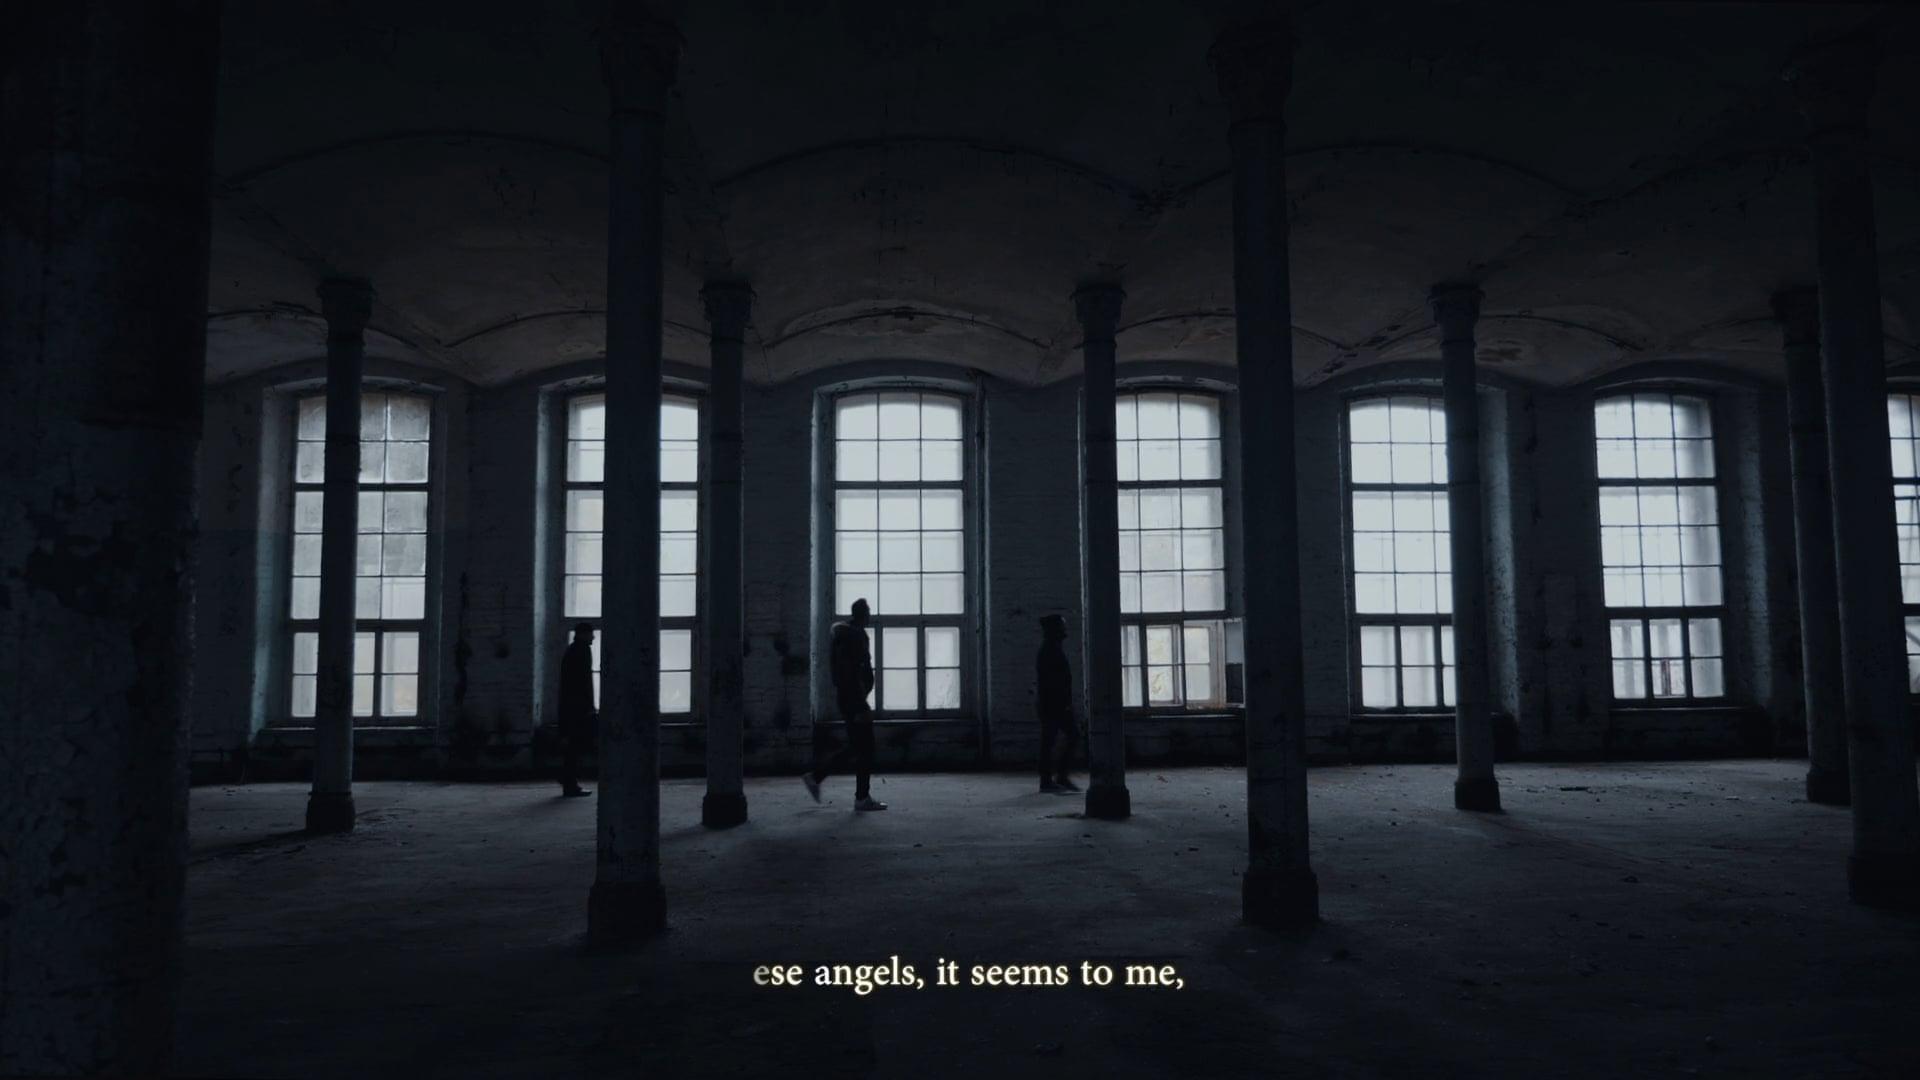 AVENOVA - ANGELS